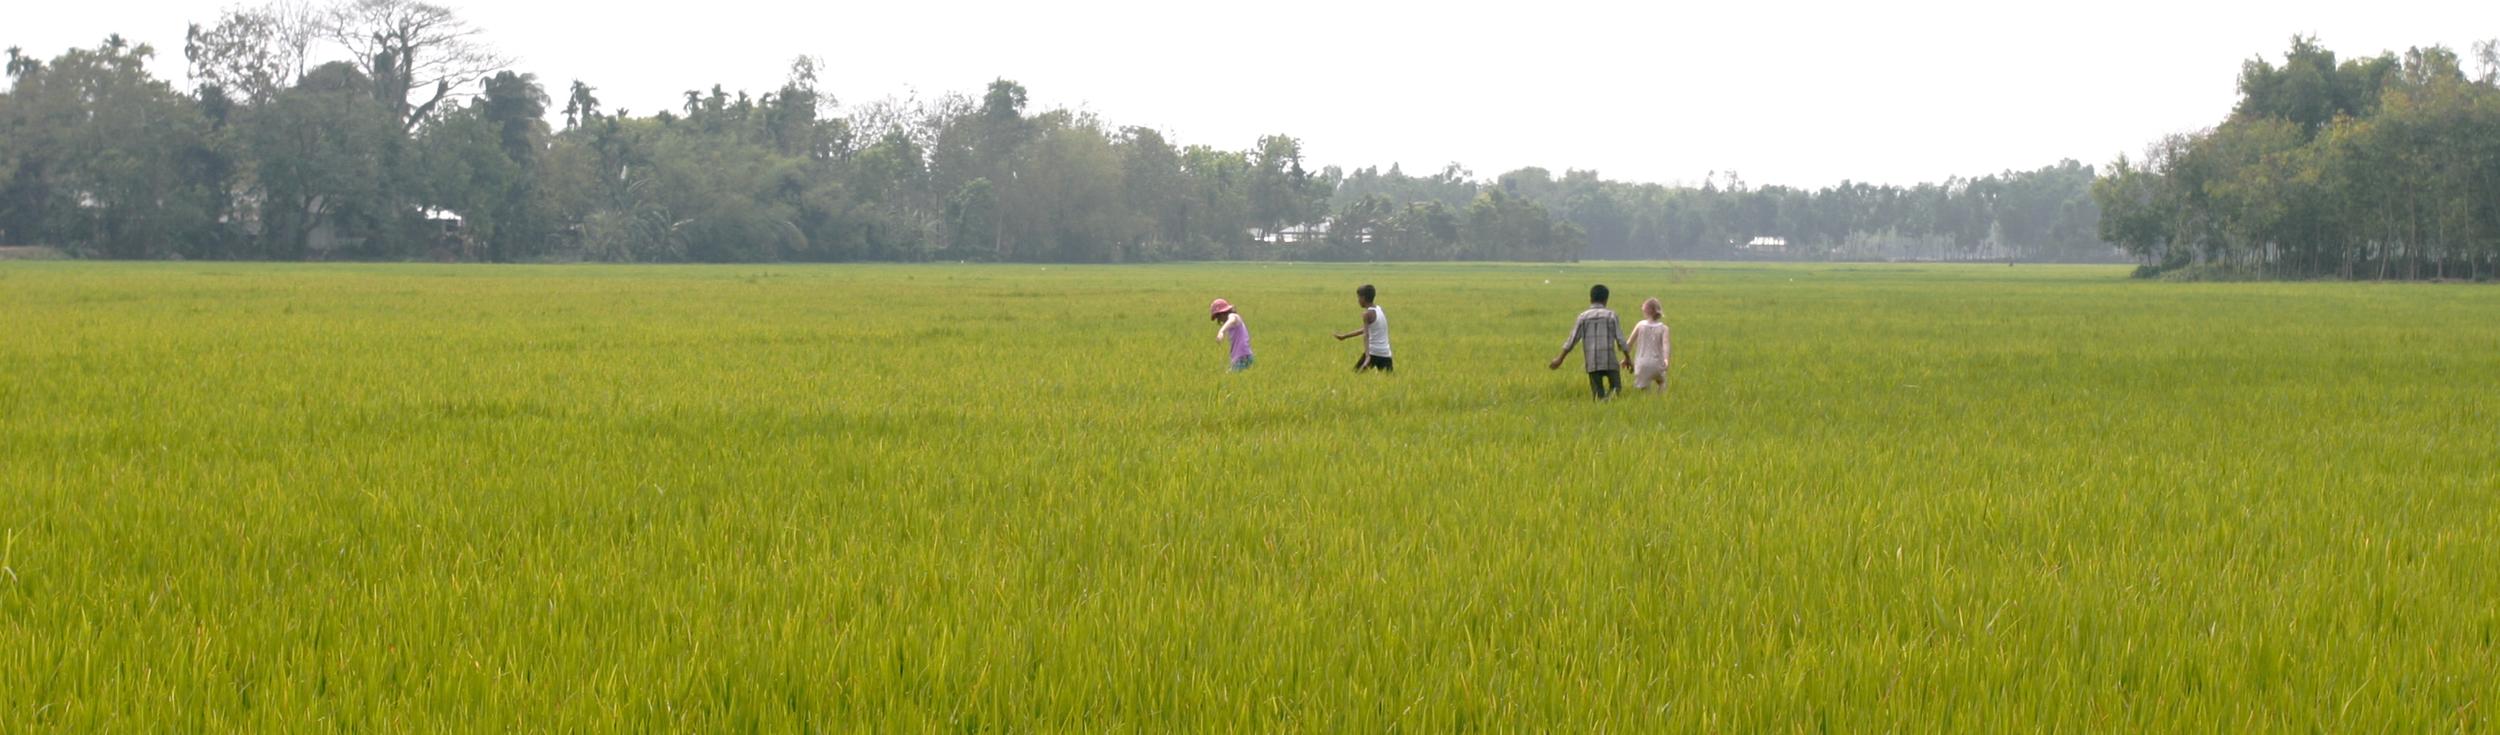 running through padi together.jpg